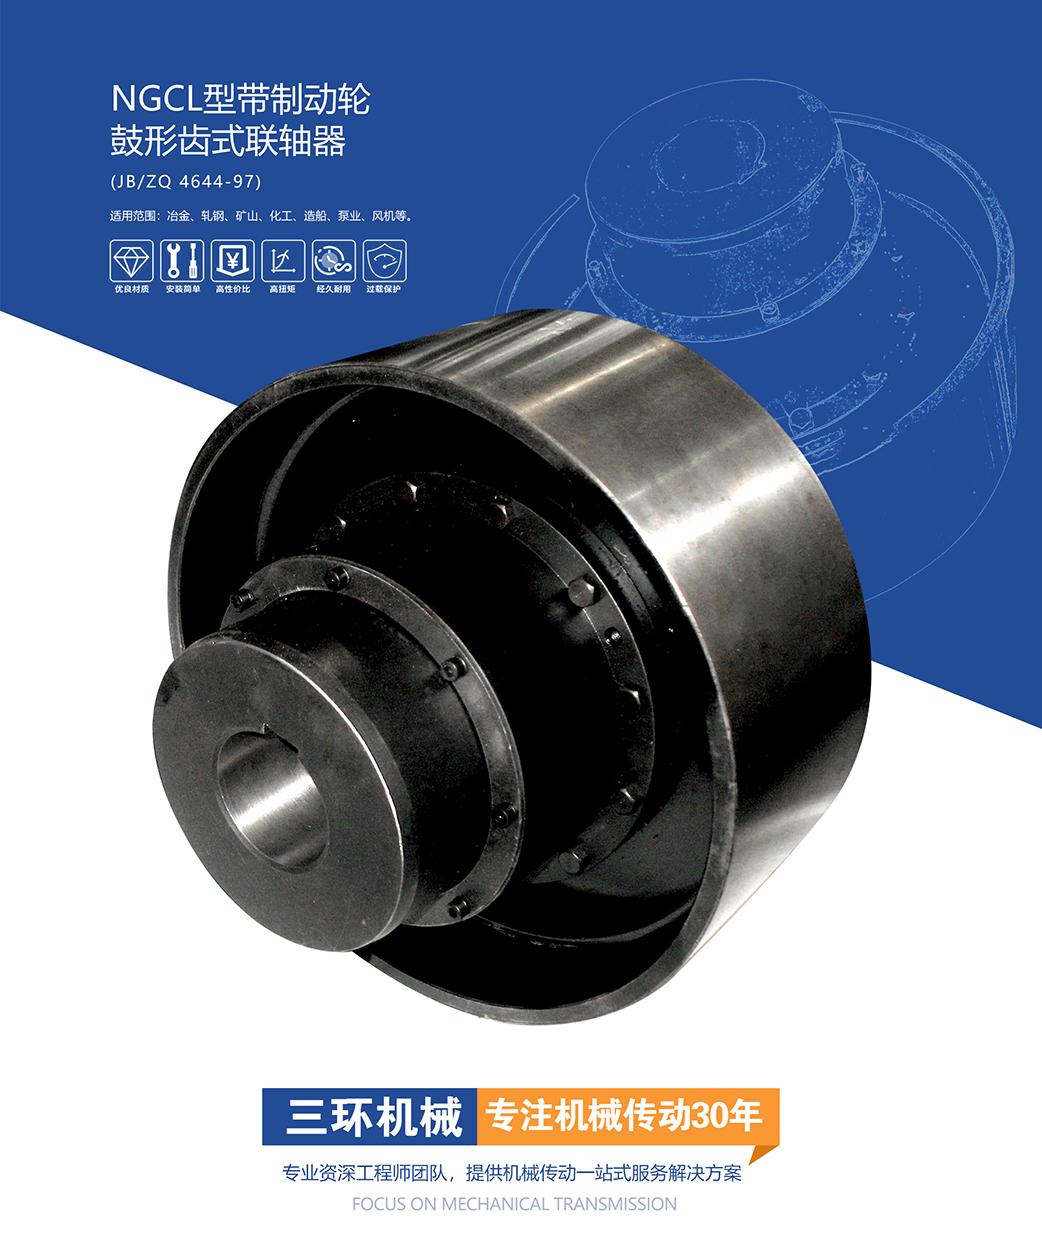 NGCL型带制动轮鼓形齿式联轴器_02.jpg